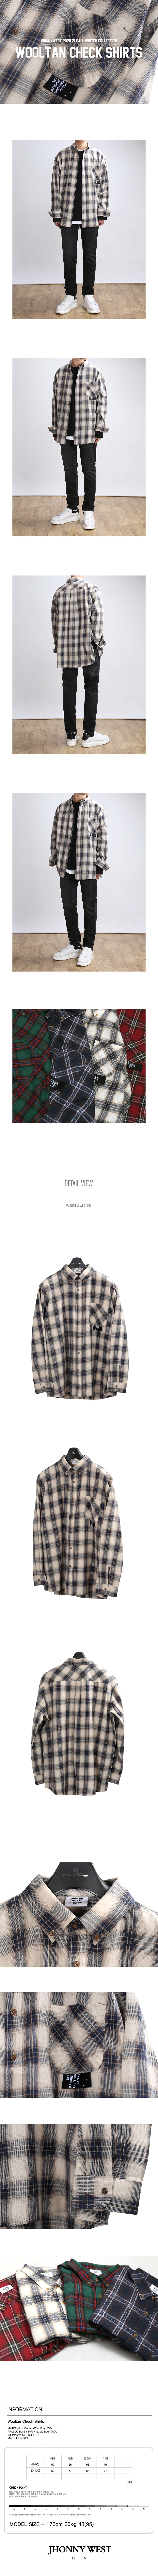 쟈니웨스트(JHONNY WEST) (마지막재입고) Wooltan Check Shirts (Cream)